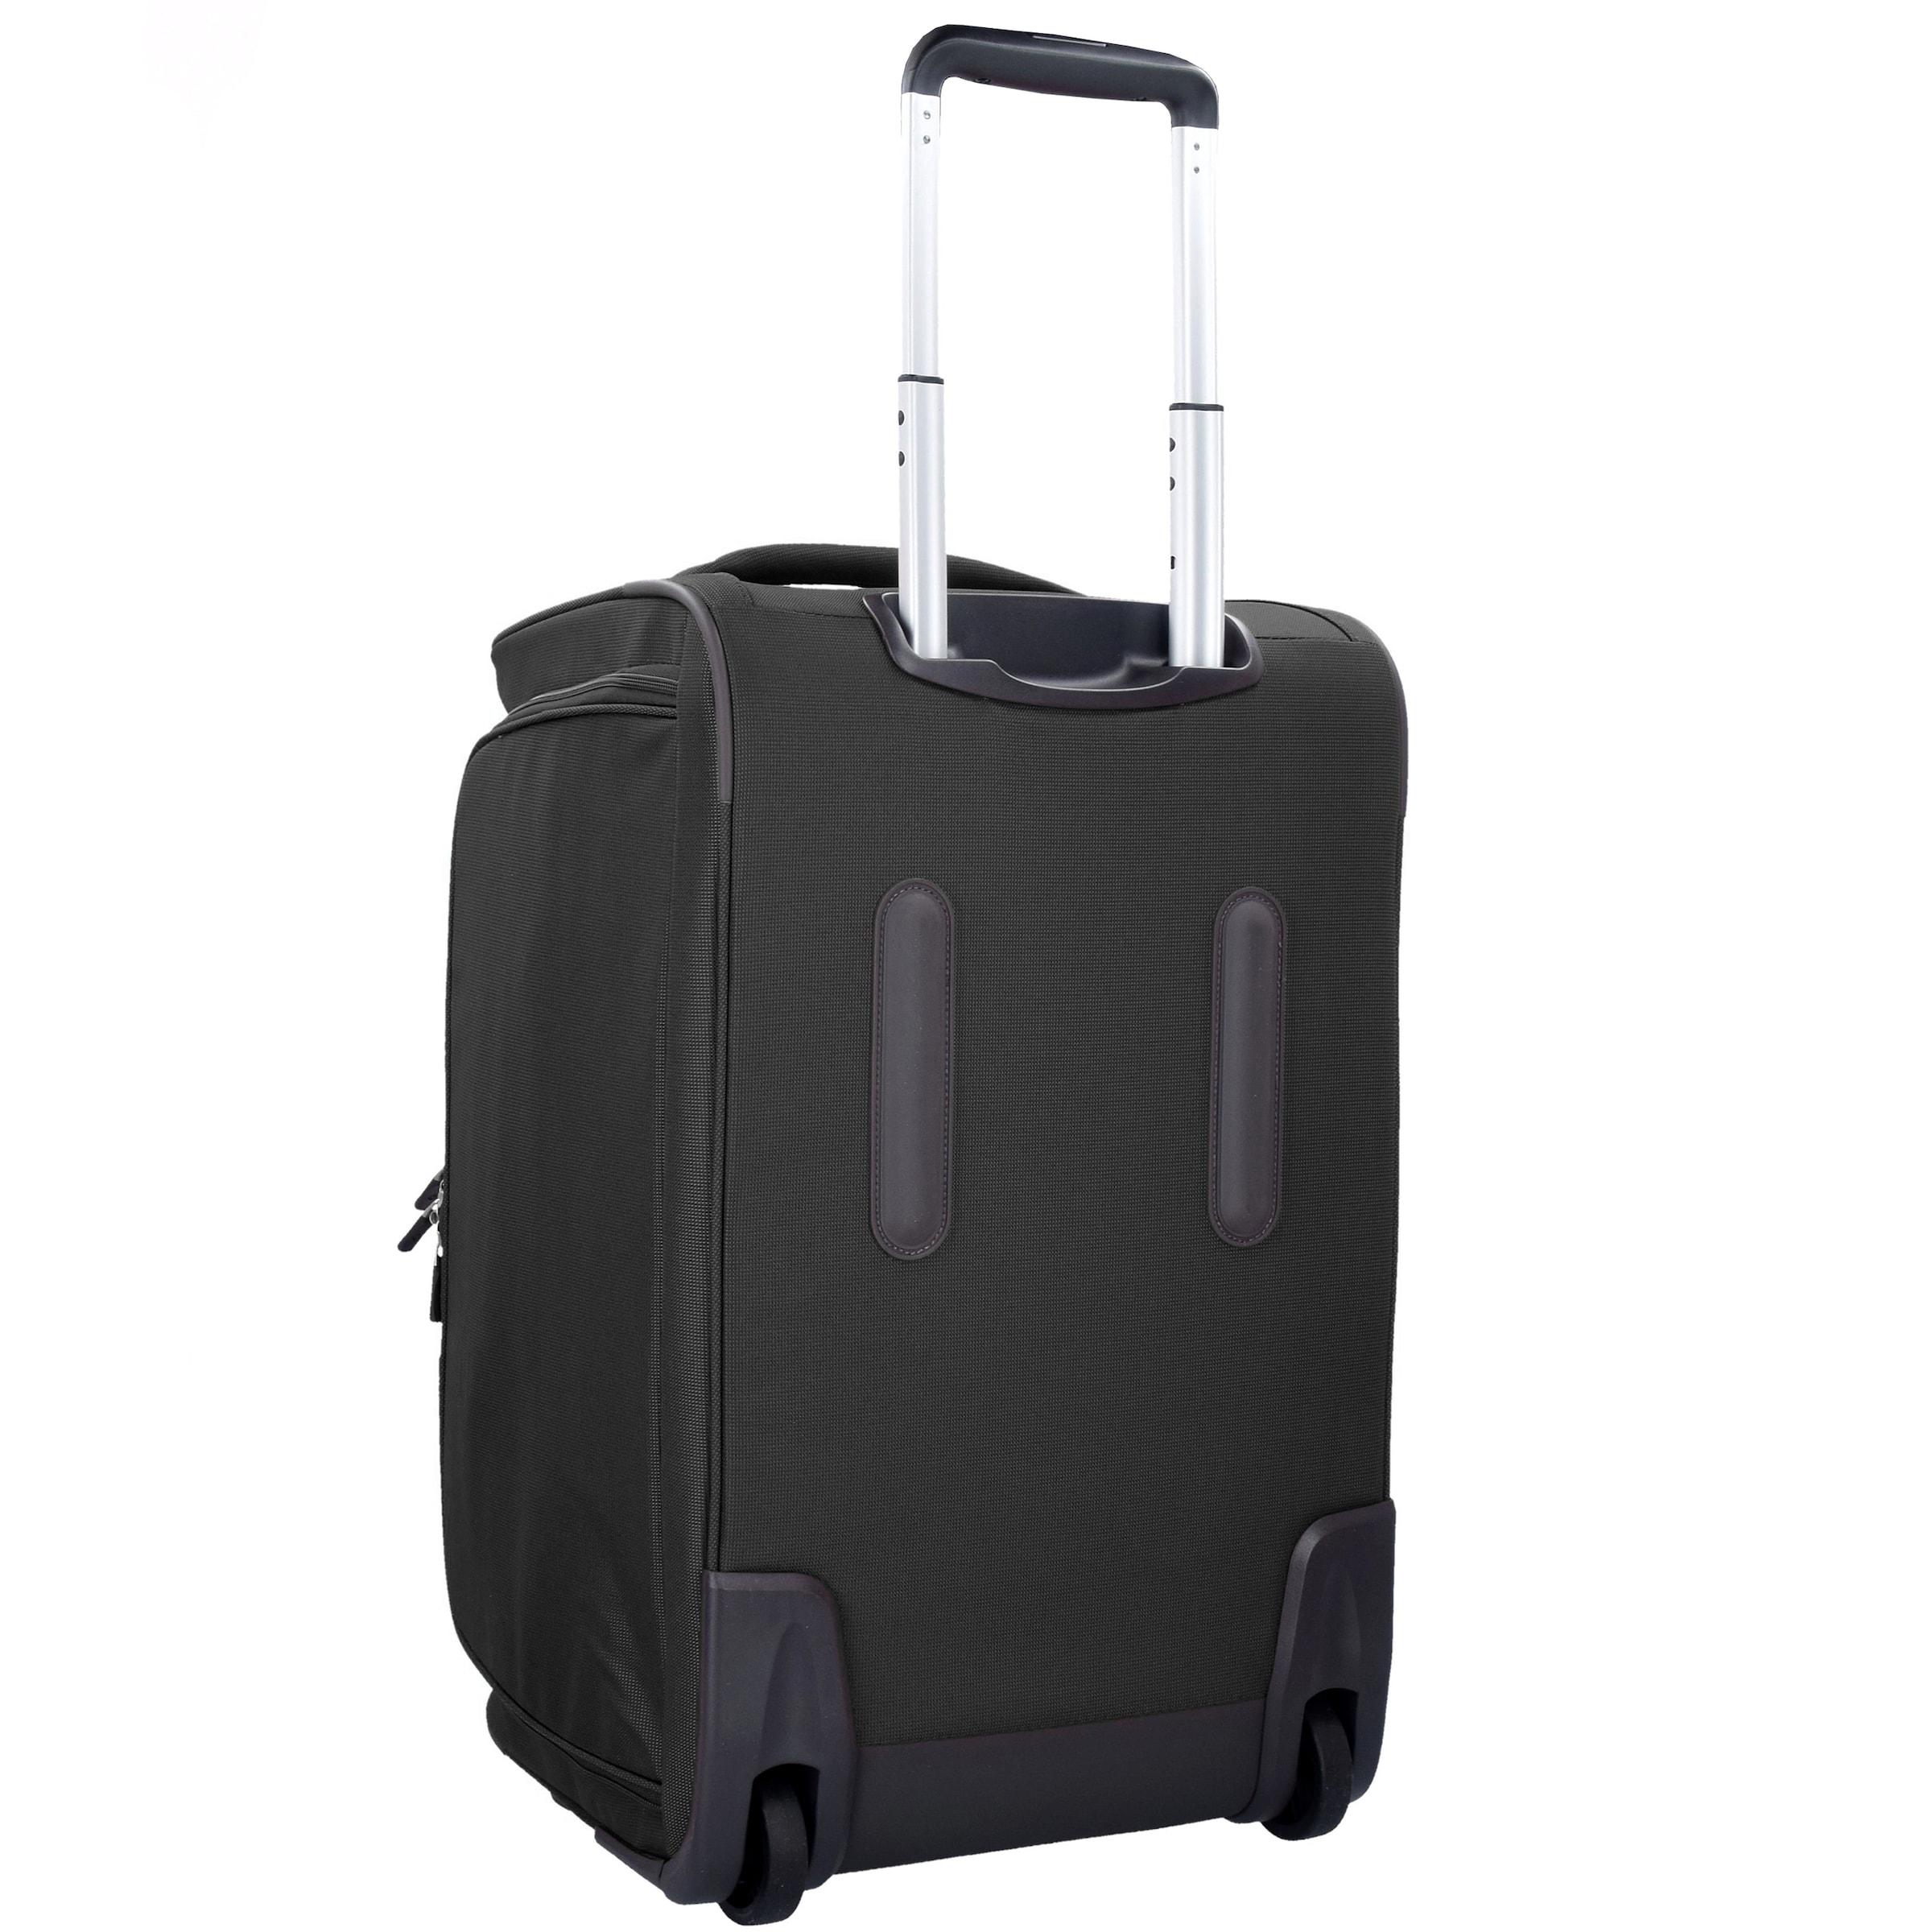 SAMSONITE Spark SNG Upright 2-Rollen Reisetasche 55 cm Billig Bester Verkauf Bester Günstiger Preis Kaufen Günstigen Preis Qualität Aus Deutschland Großhandel Aw9RC7piN